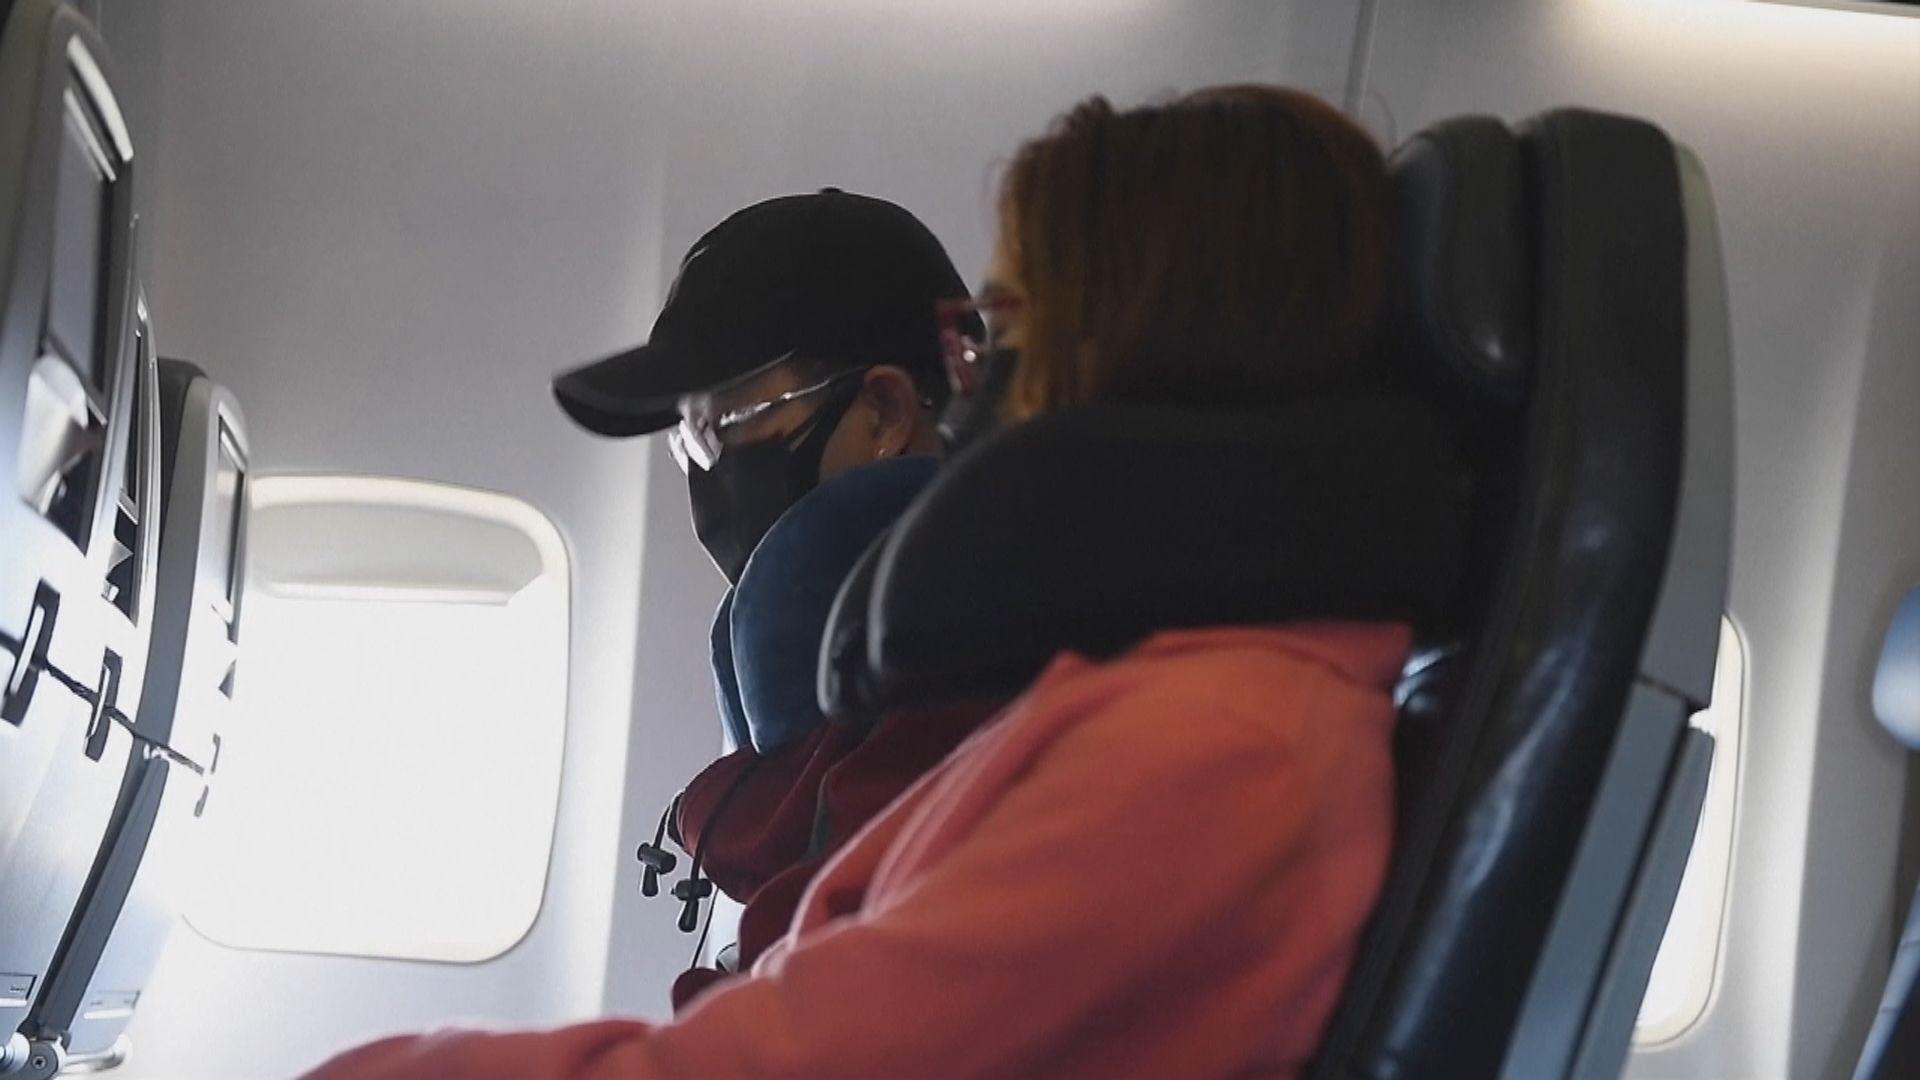 專家指政府應規管飛機製造商 研究防傳染病在機艙散播